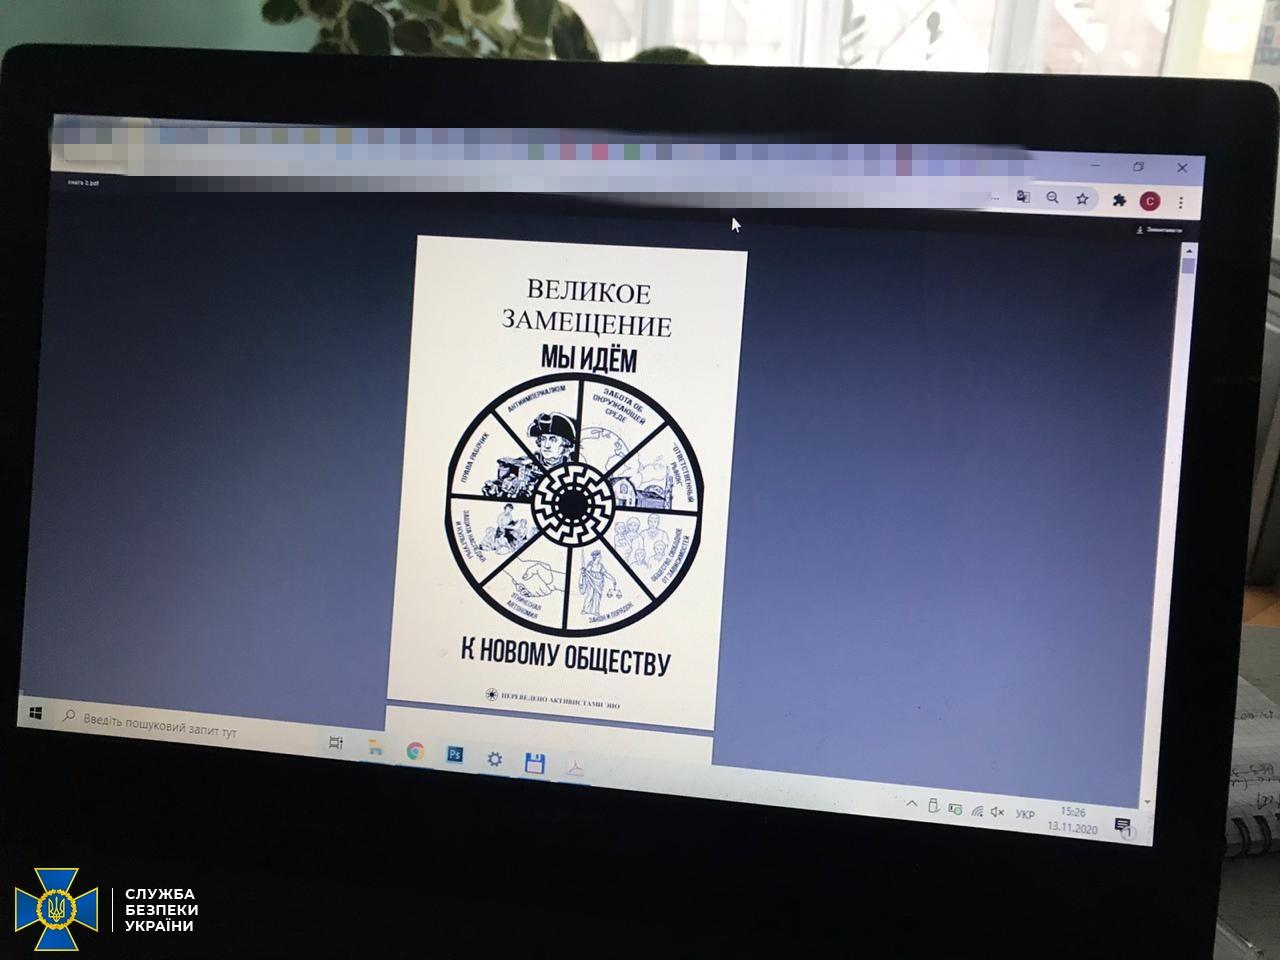 СБУ попередила постачання екстремістської літератури до сусідньої держави - тероризм, СБУ, Література, кордон - 492f8e17c0fd796cc69e3a179e6f6ca4